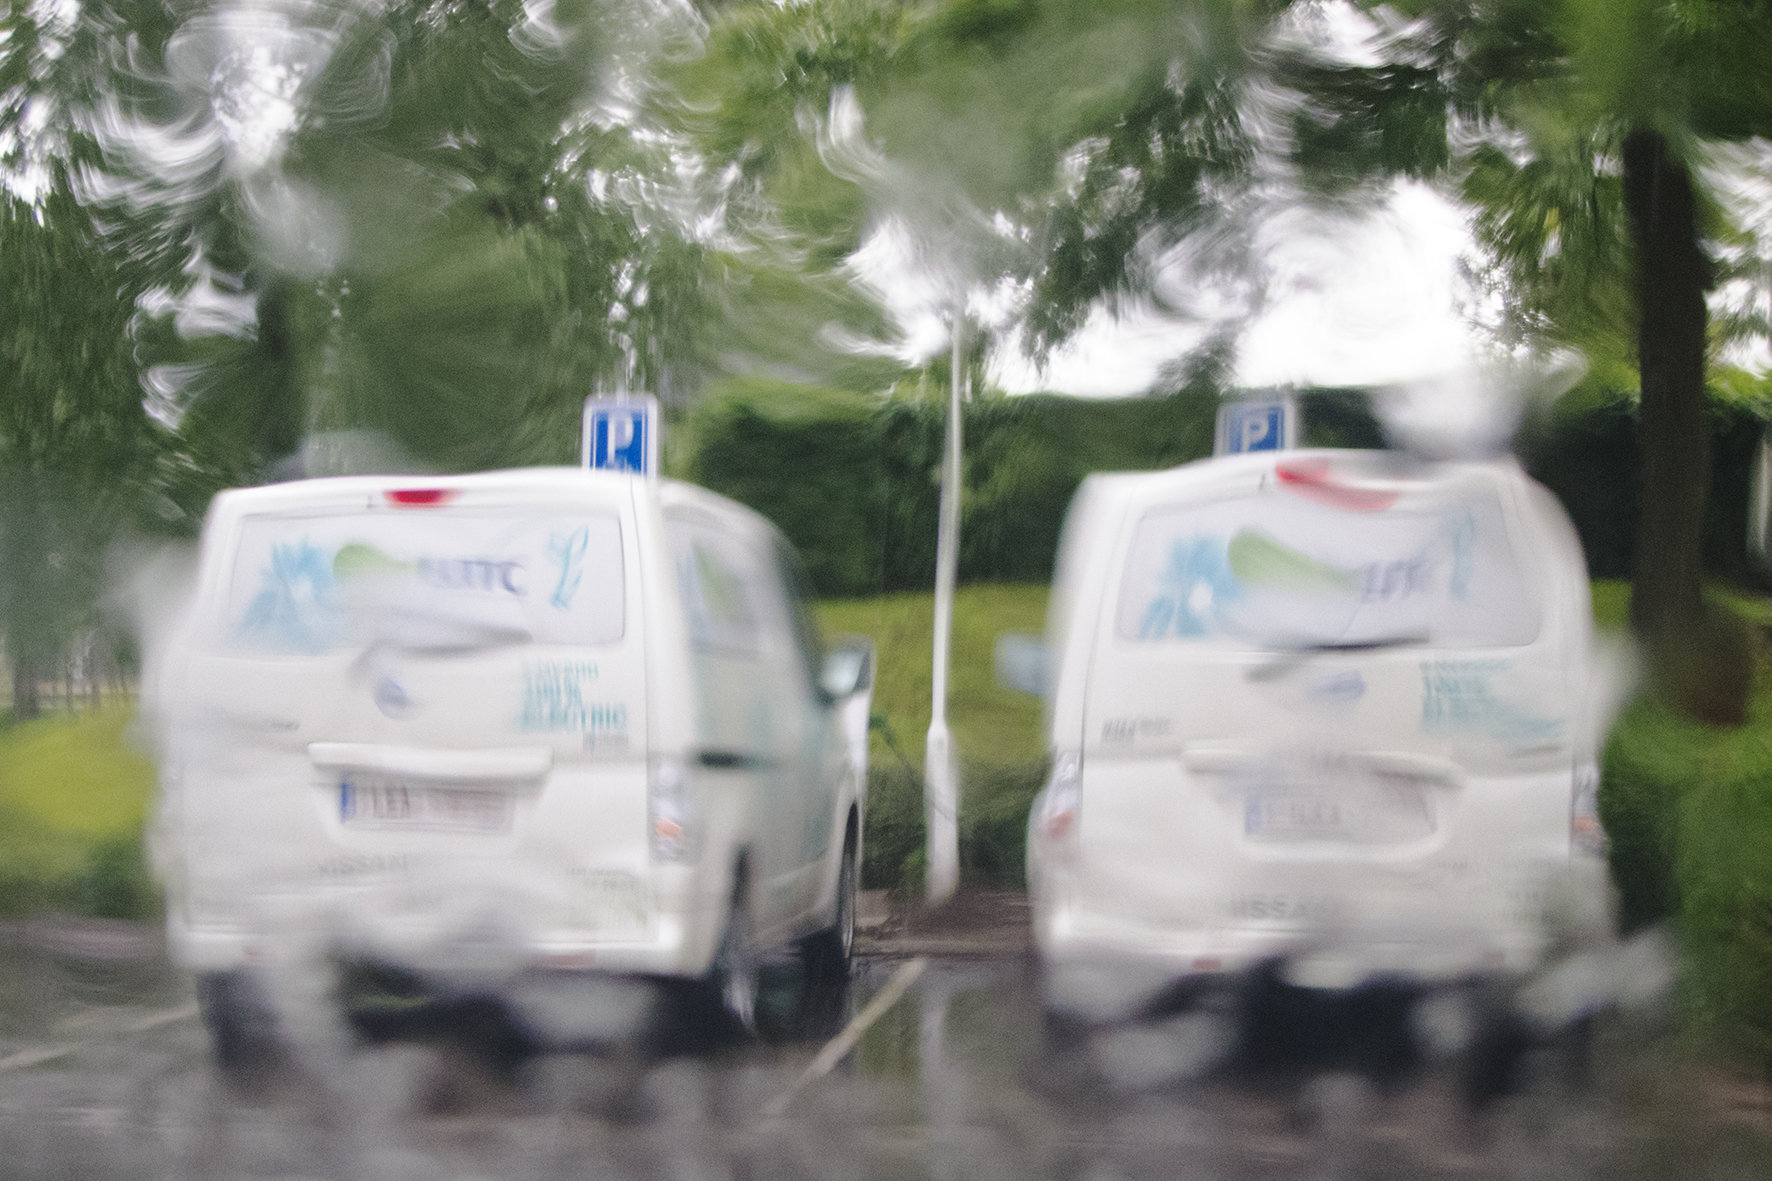 LITC elektrische busjes